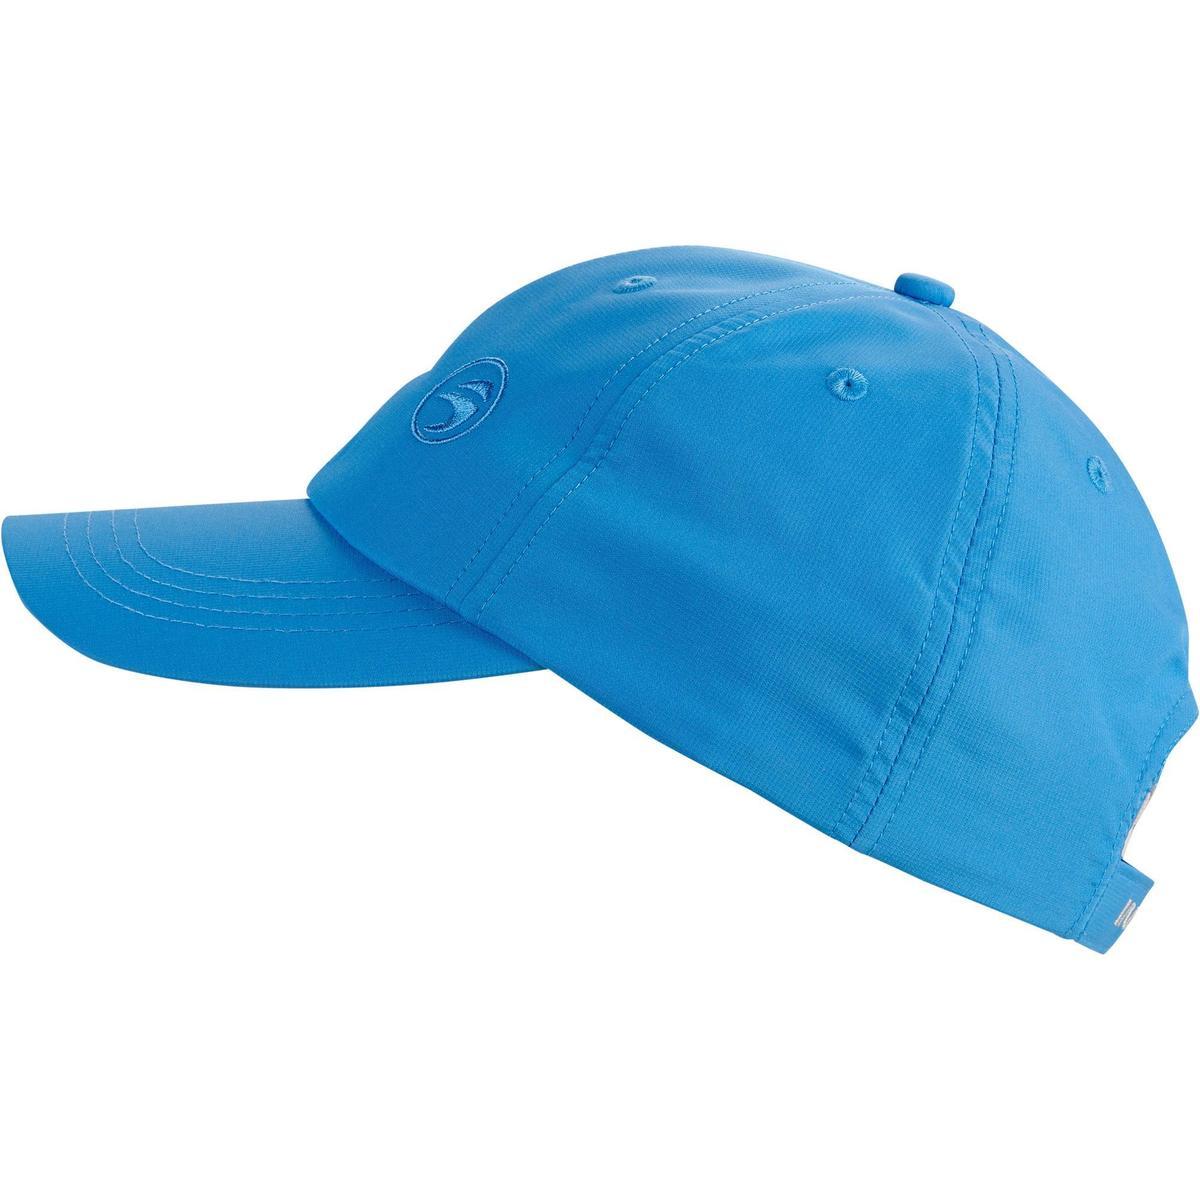 Bild 5 von Golf Cap Erwachsene blau